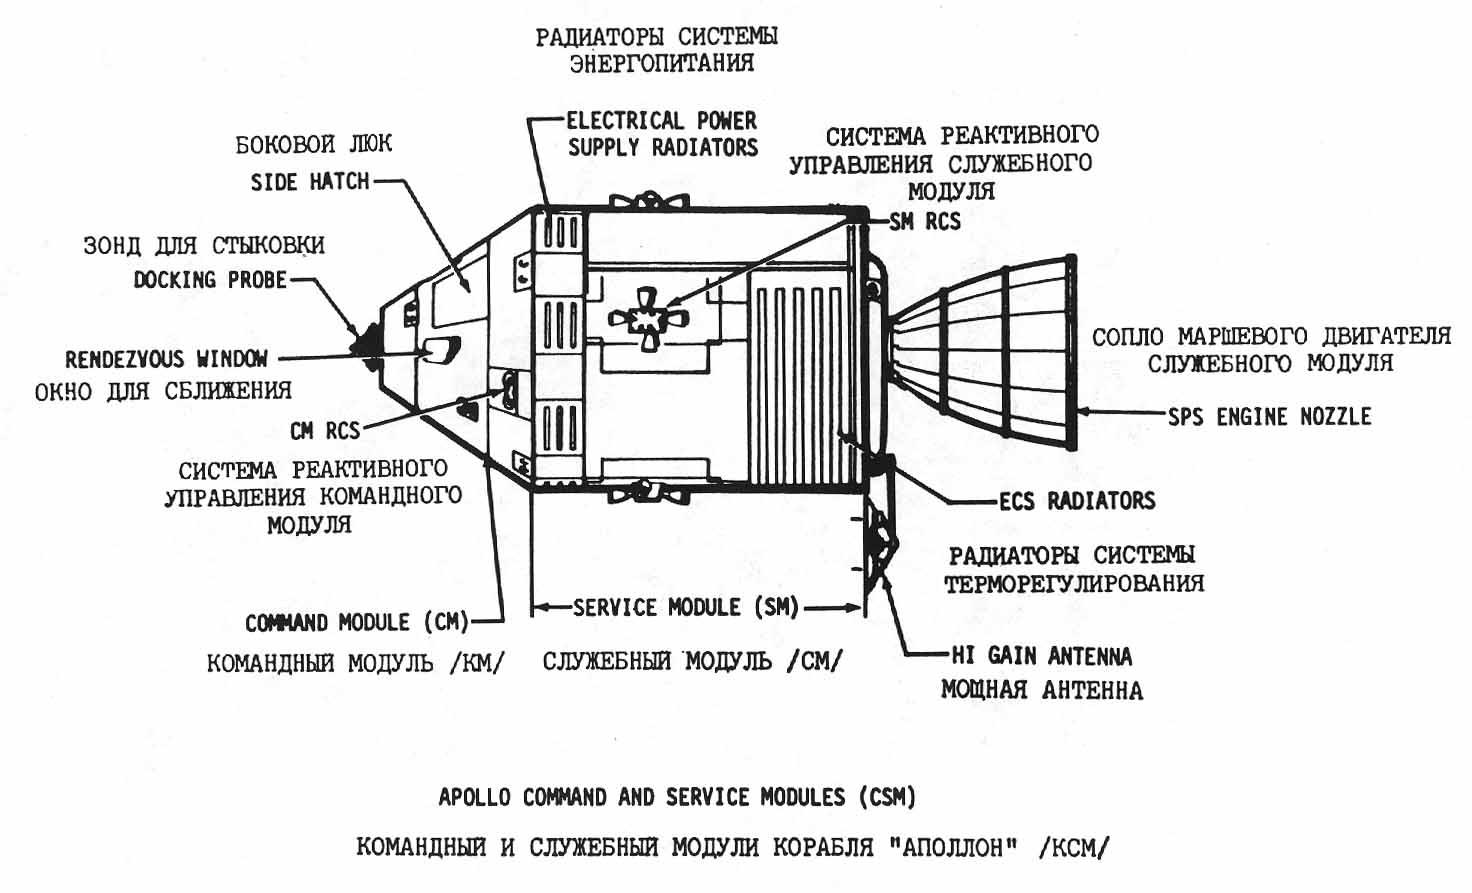 diagram of apollo 11 spacecraft - photo #5